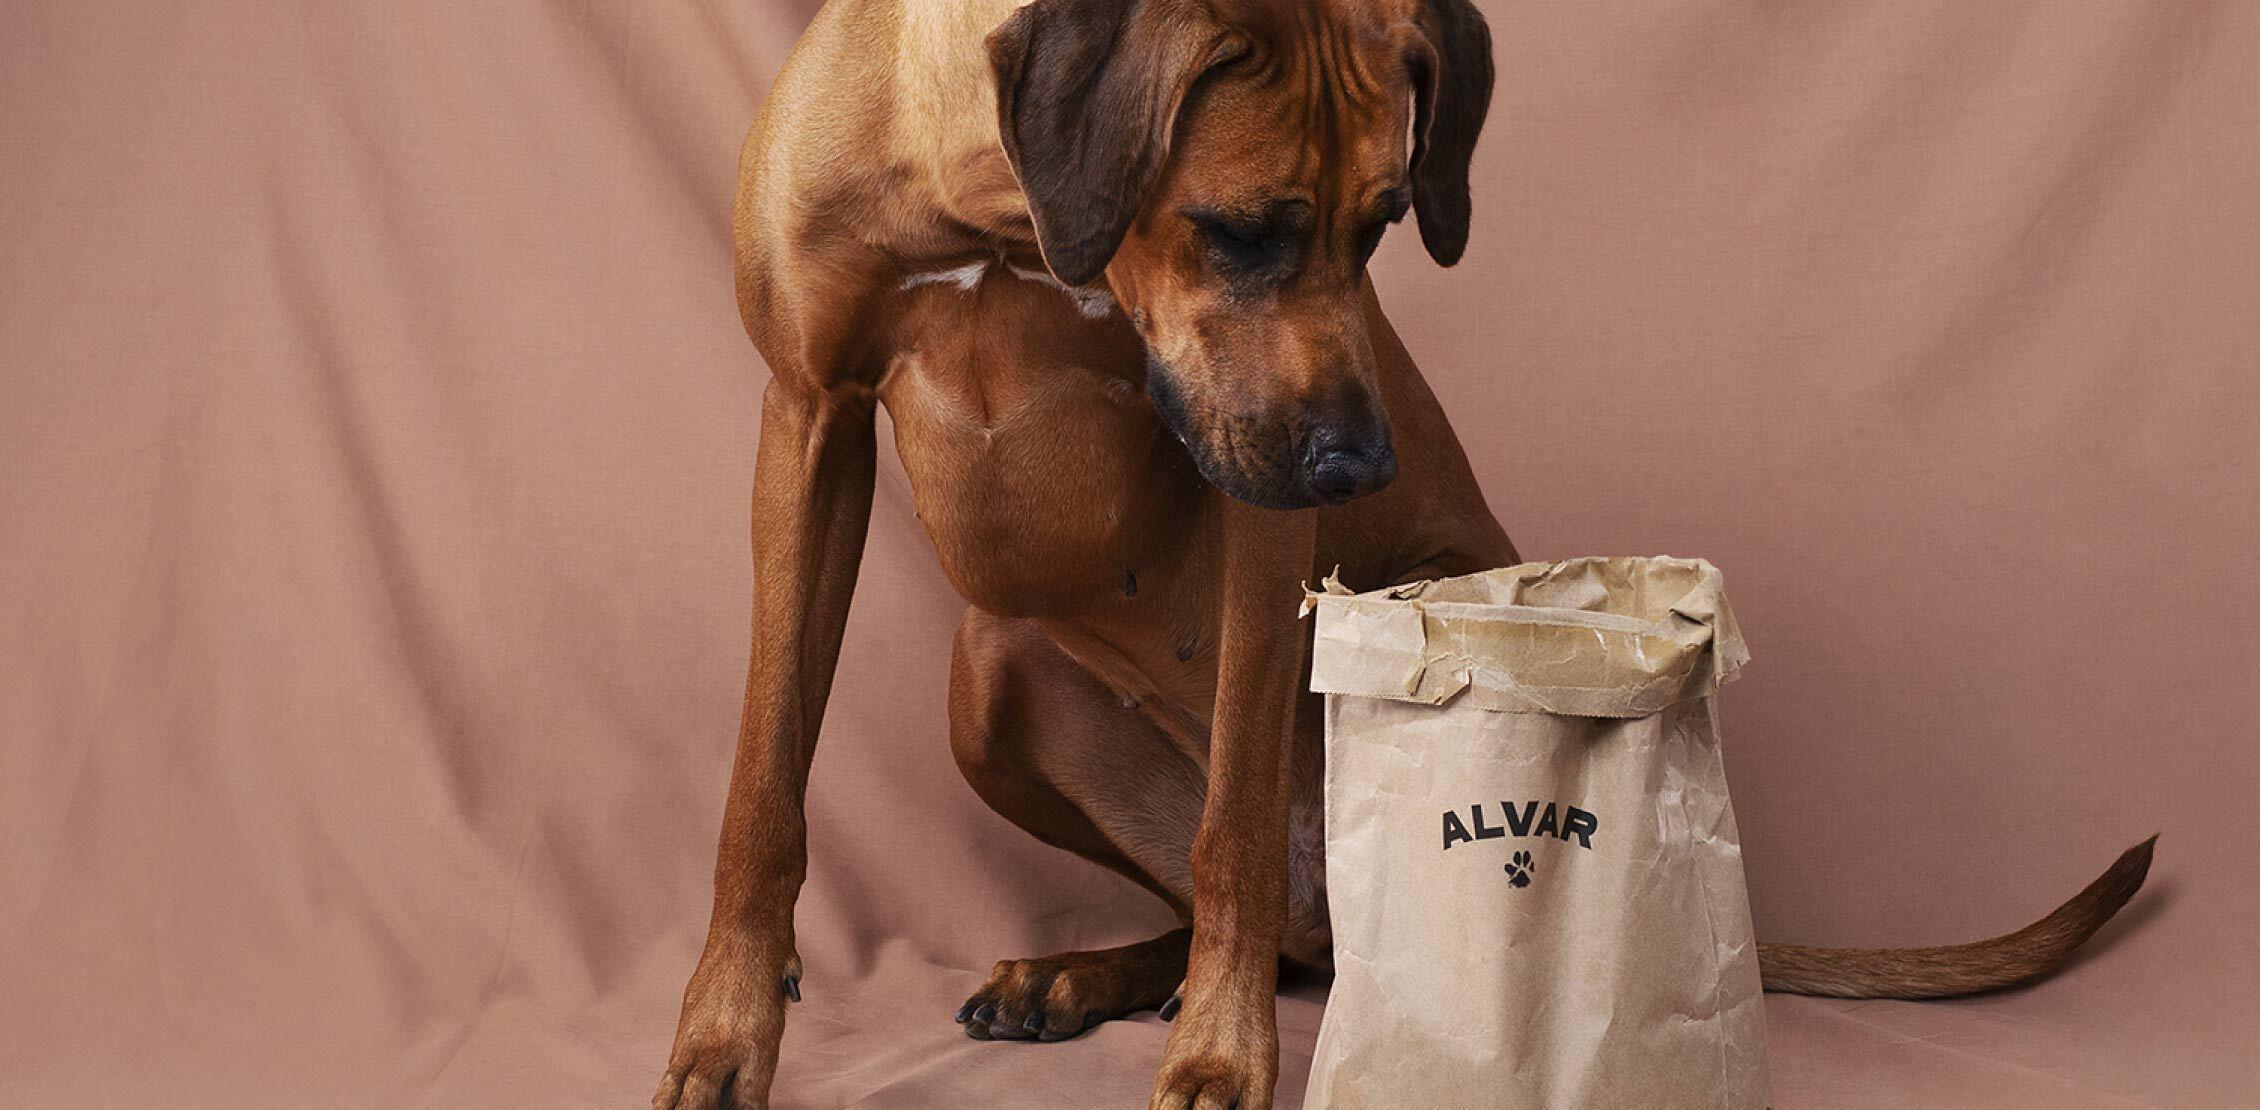 Alvar Pet investement page